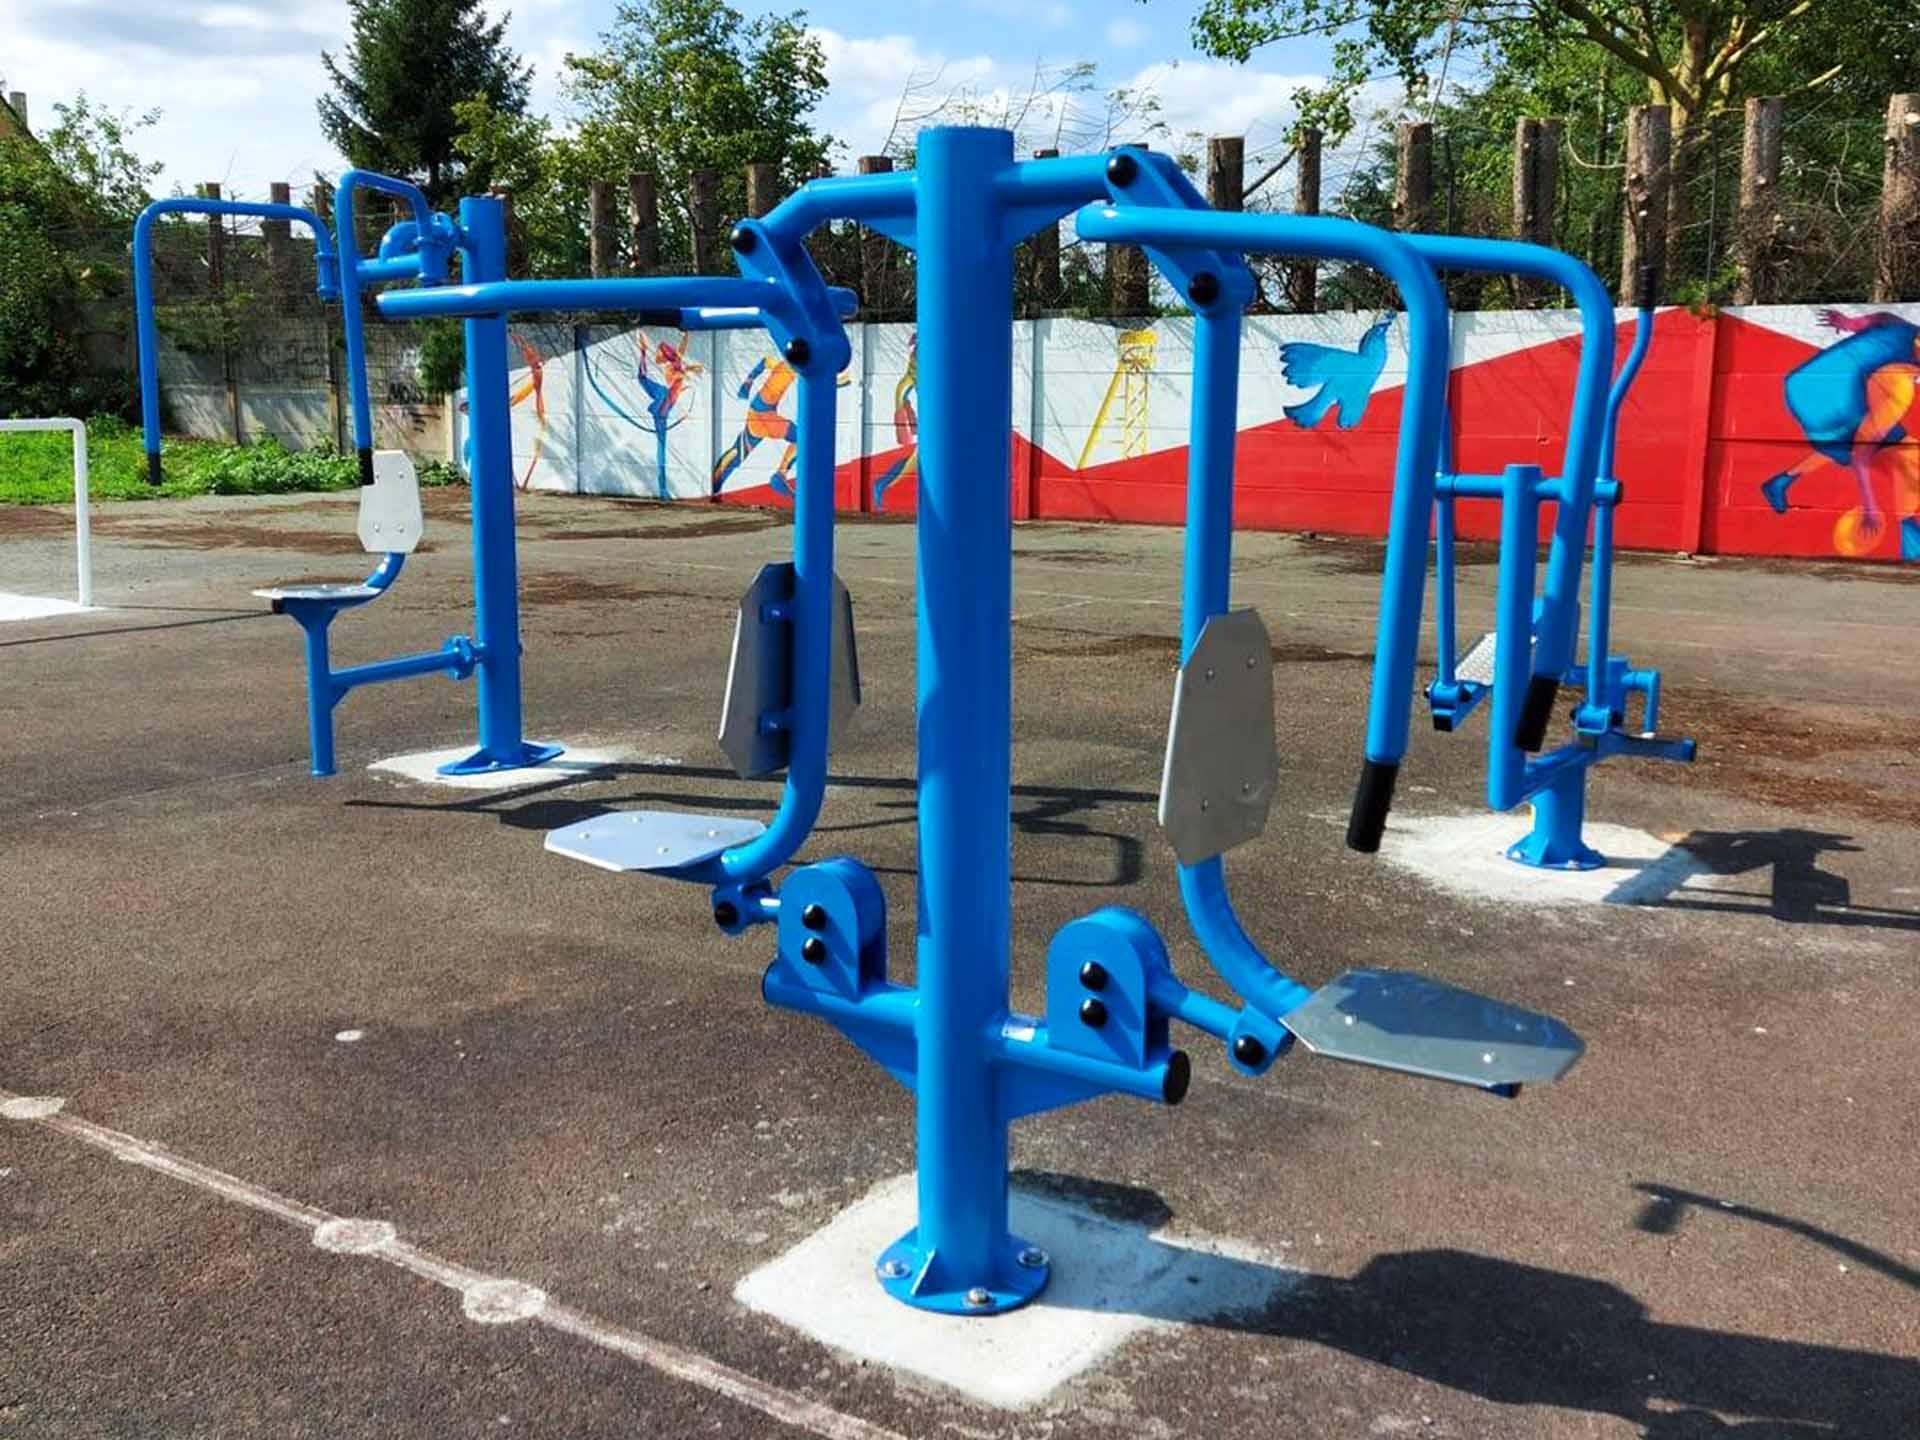 Photo des équipements de musculation en extérieur du plateau sportif AirFit de Sallaumines